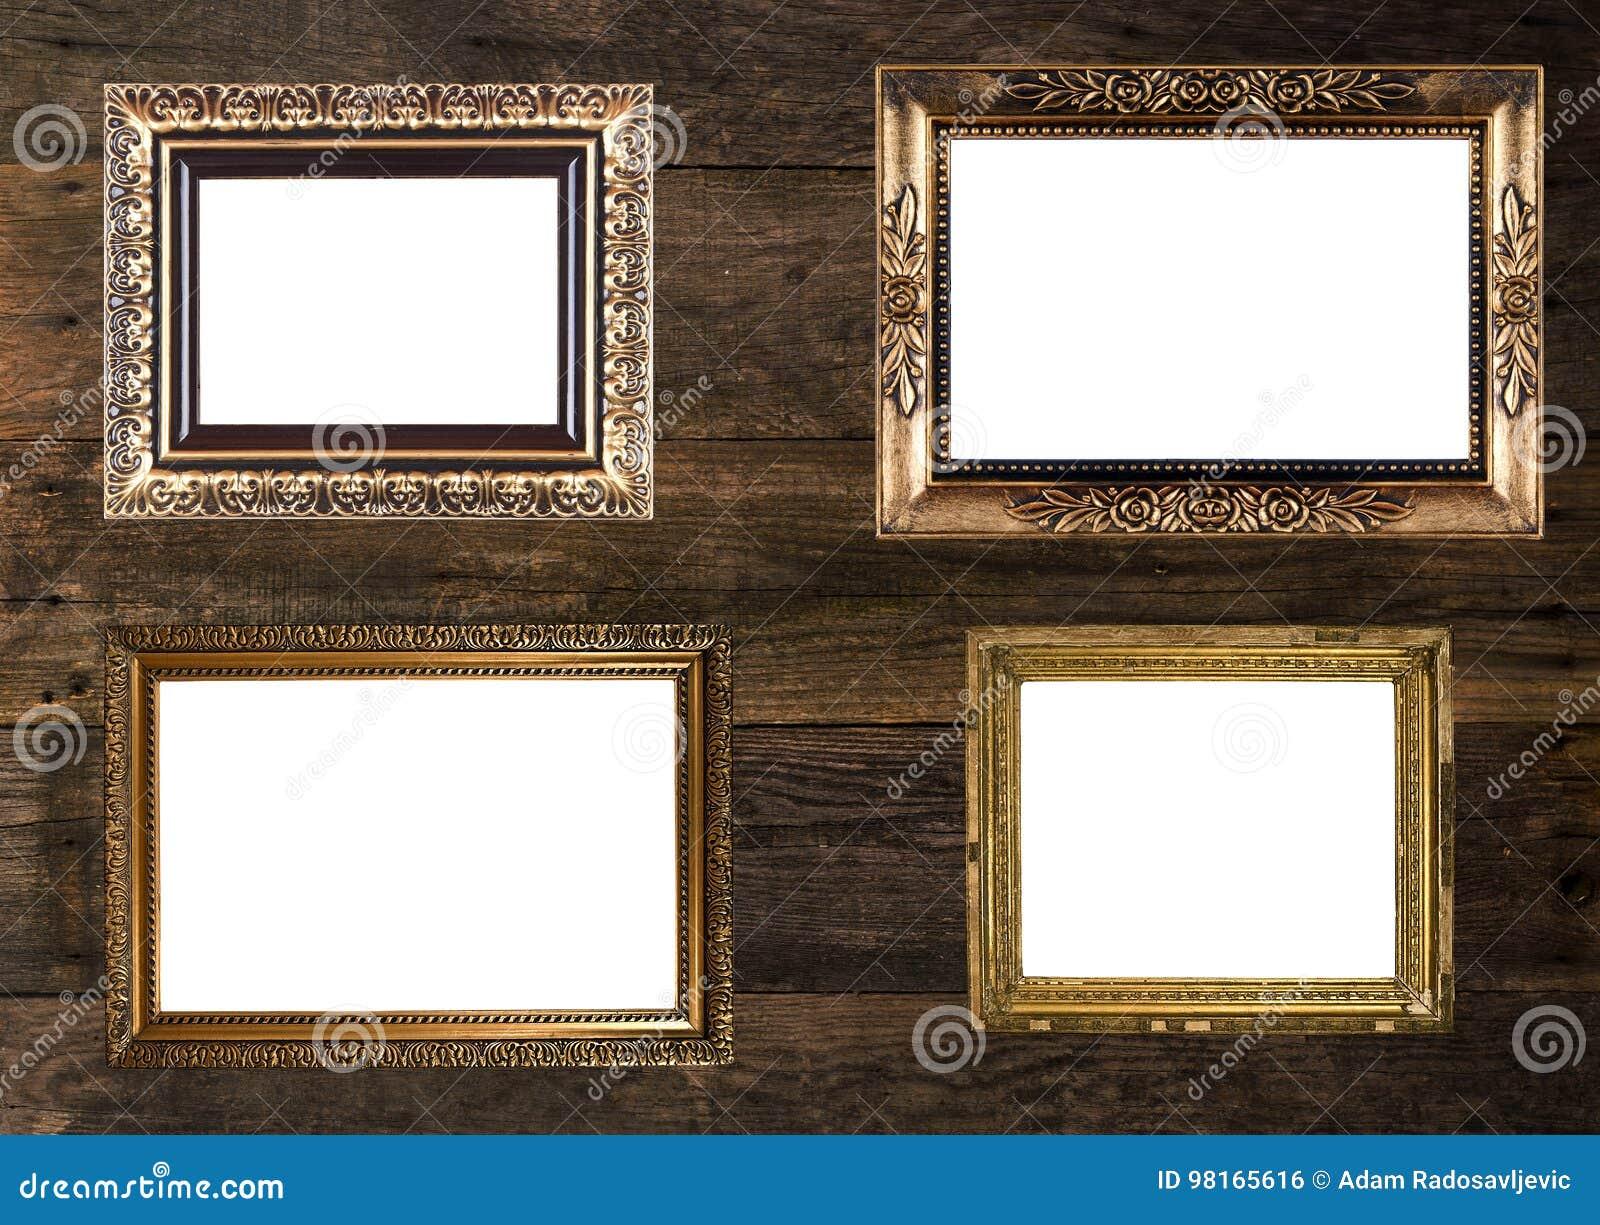 Altgold-Bilderrahmen Auf Hölzerner Wand Stockfoto - Bild von wand ...